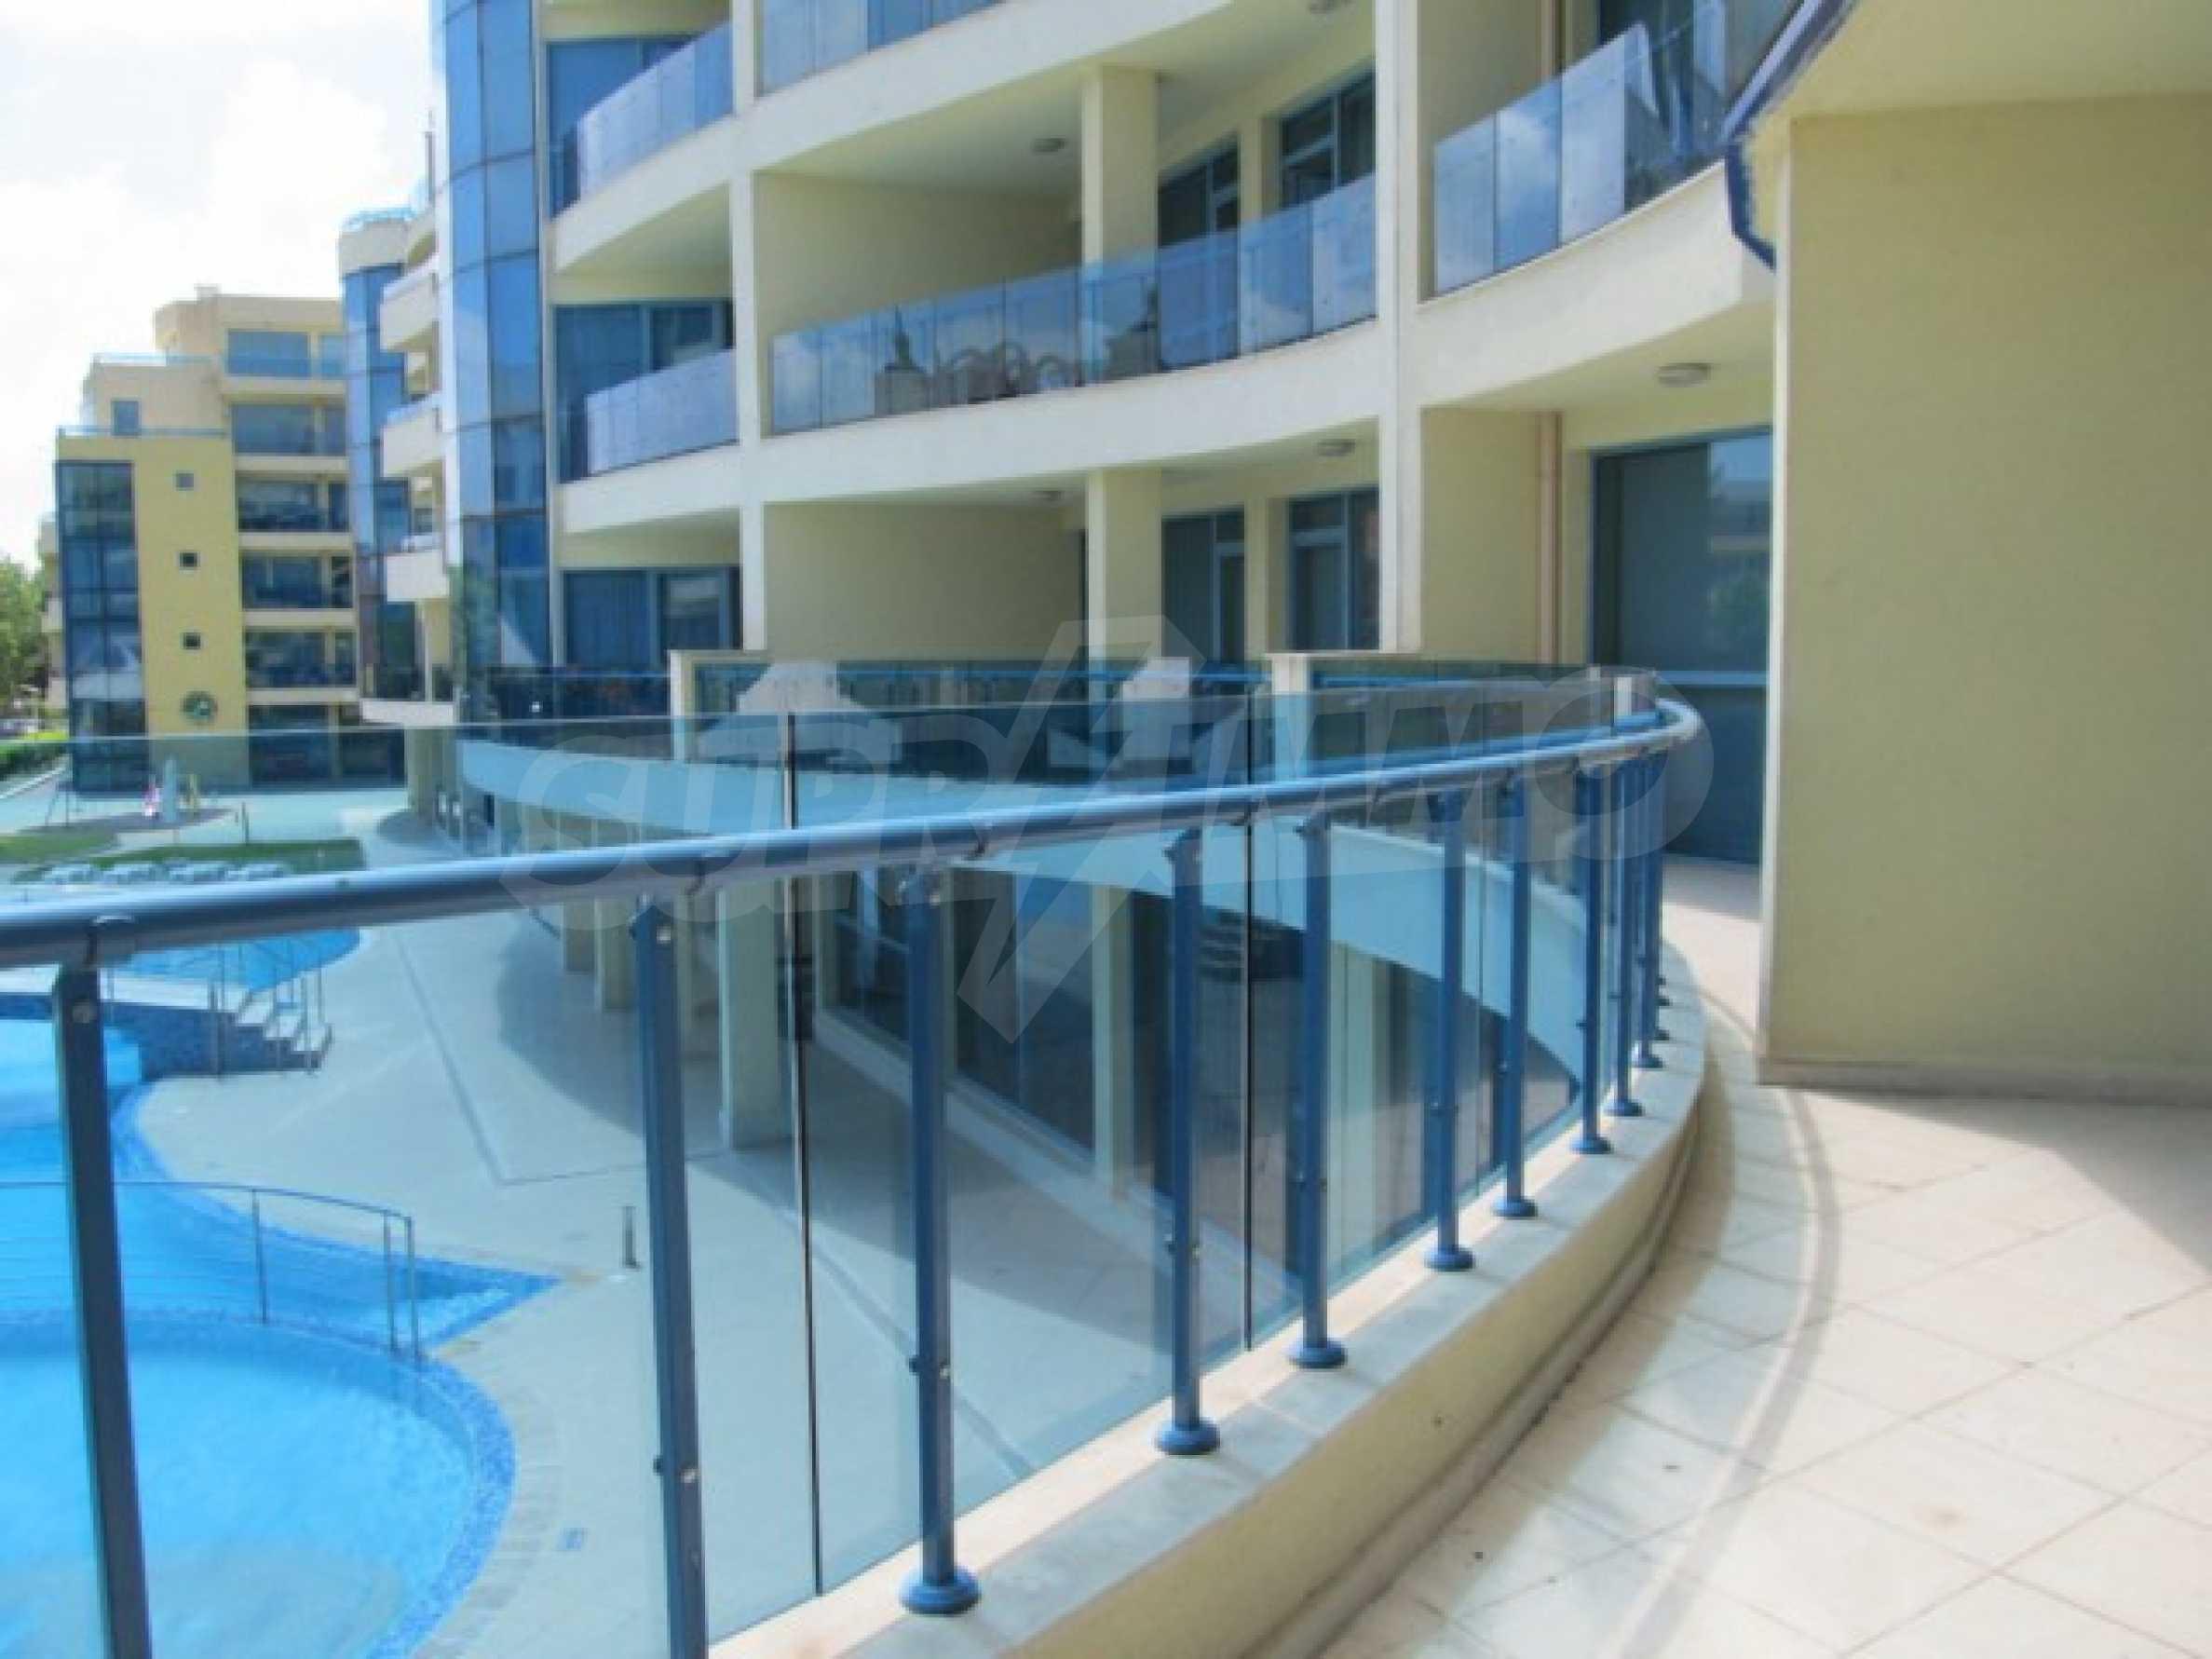 Zwei-Zimmer-Wohnung zum Verkauf in Pomorie 23